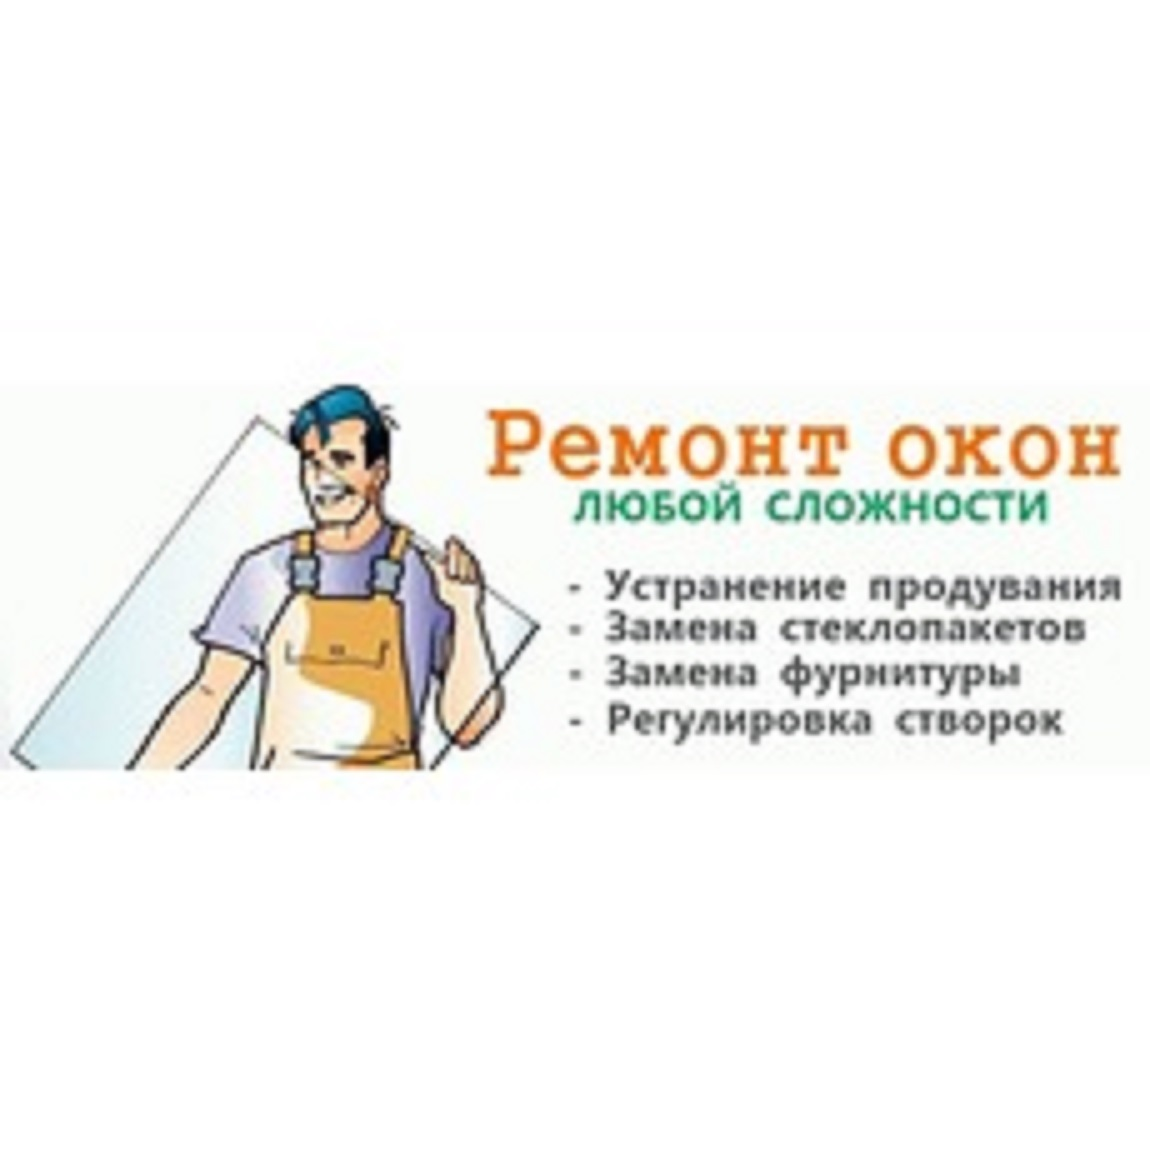 Ремонт окон срочно. Мастер по ремонту окон Одесса.